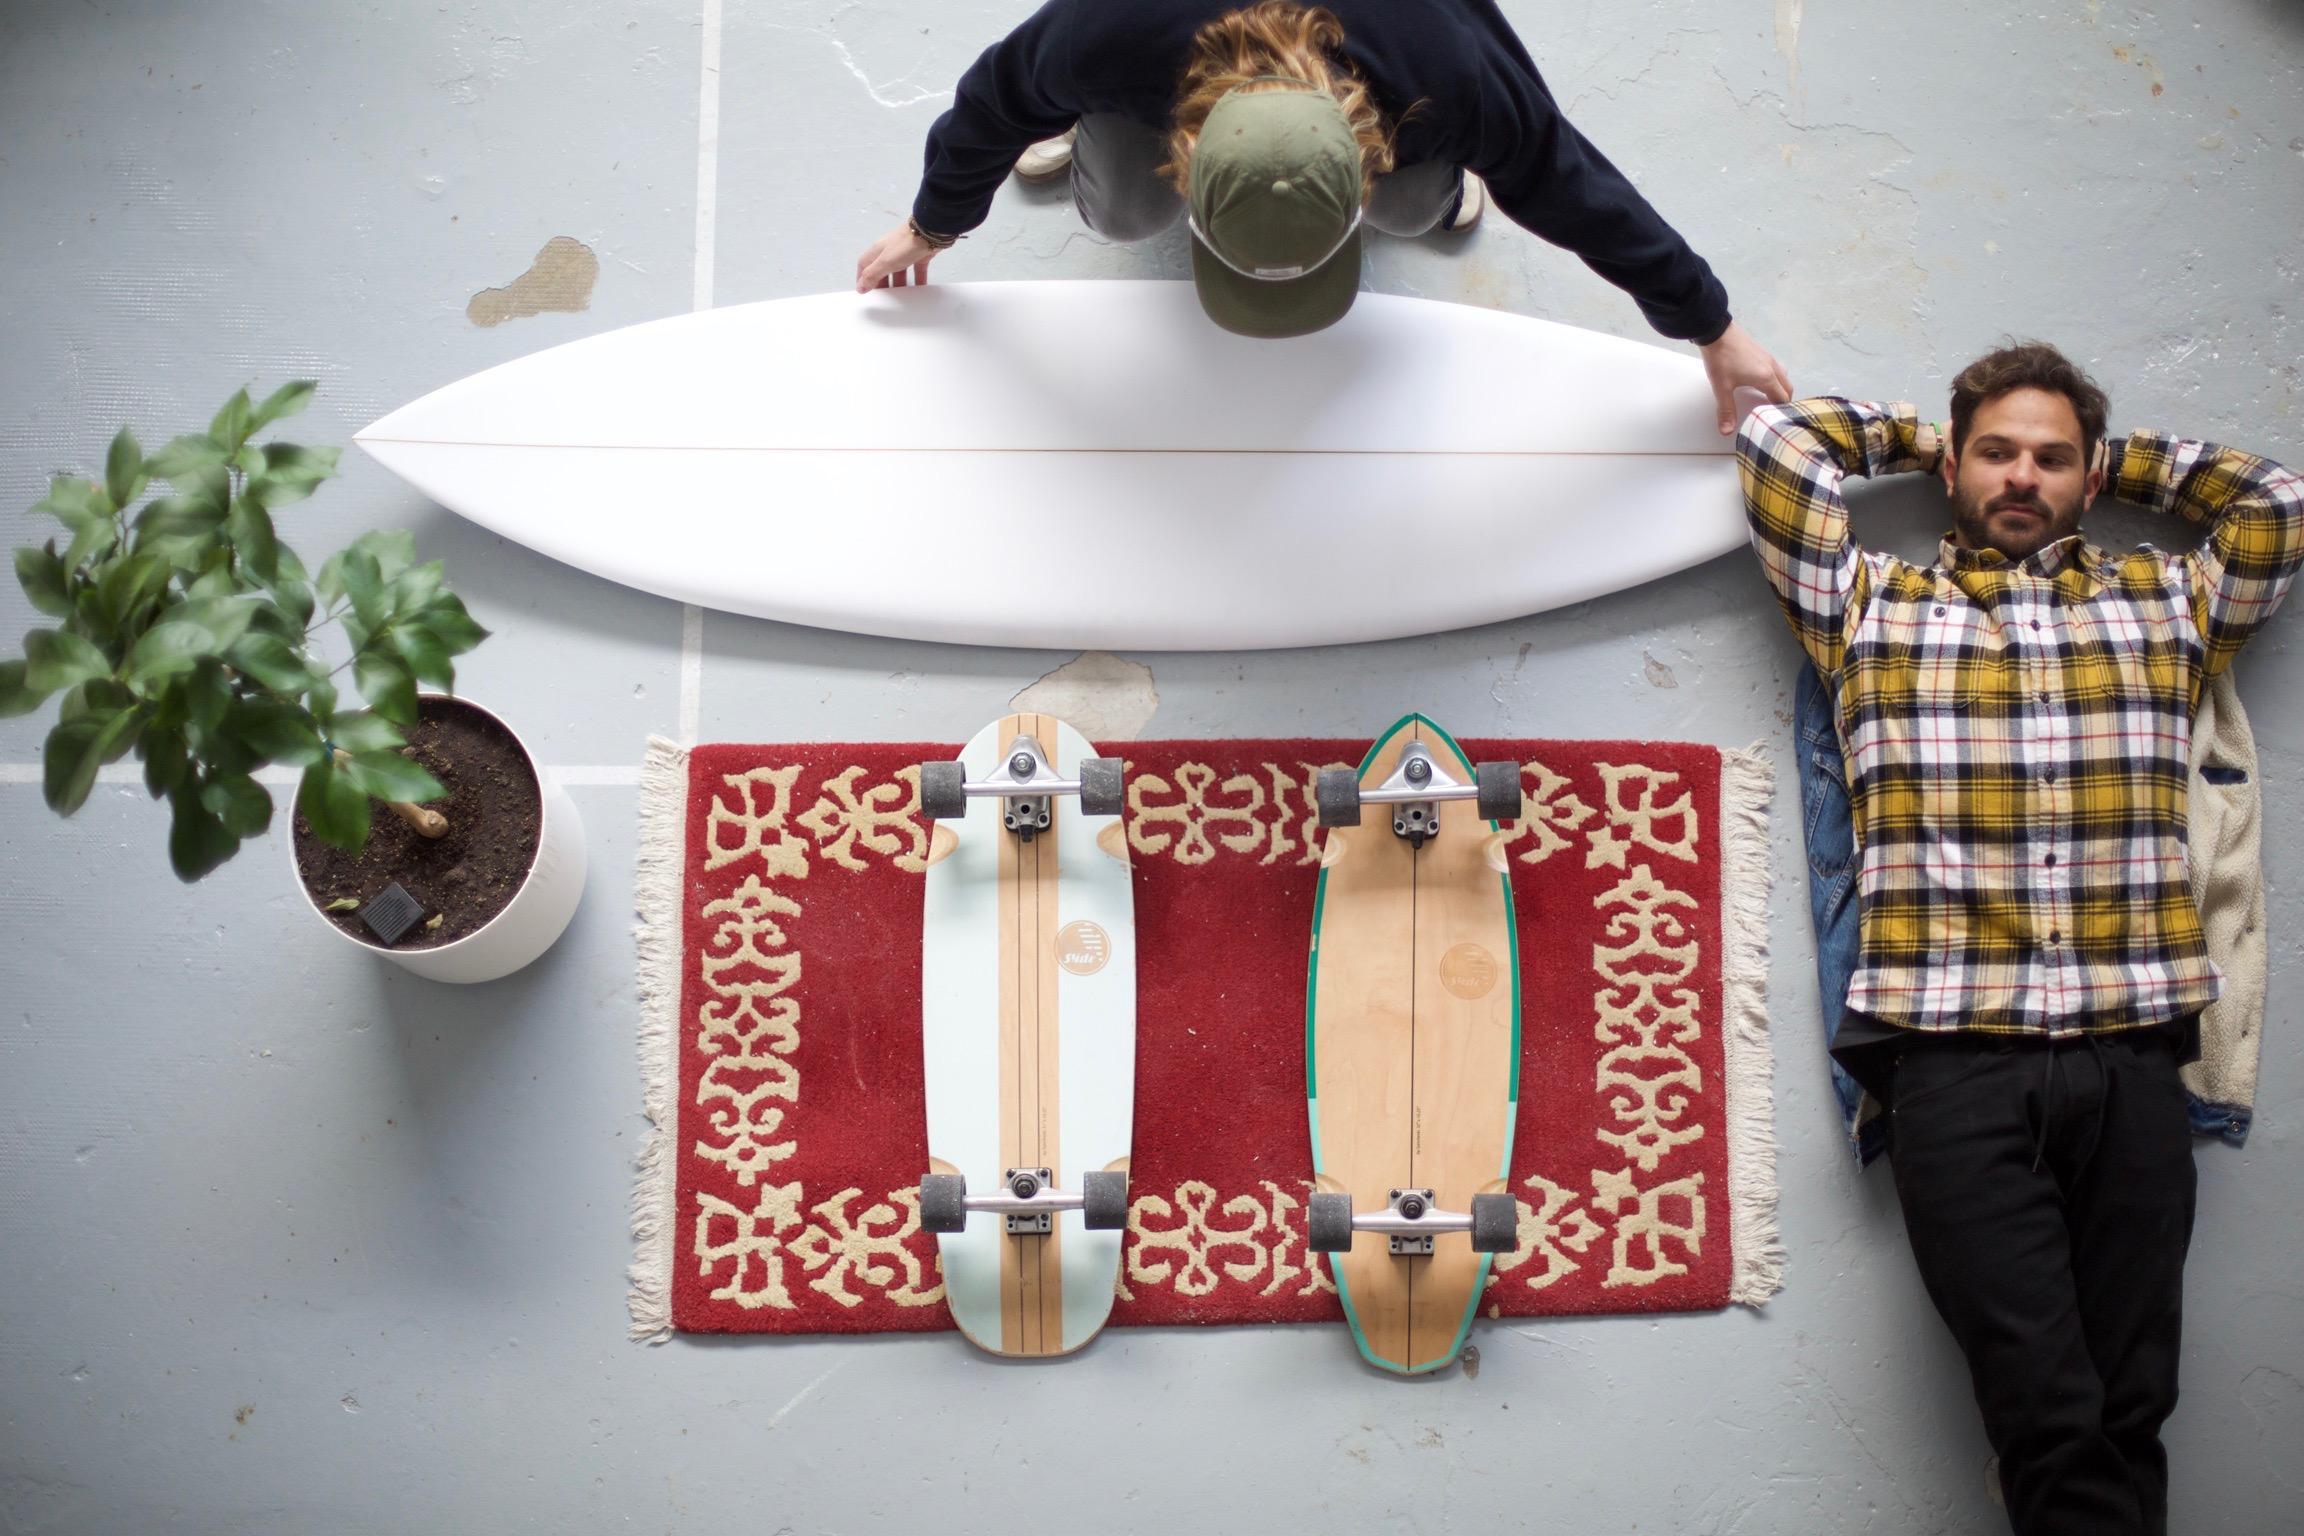 Excelente surf skate para moverse por la ciudad y carving.